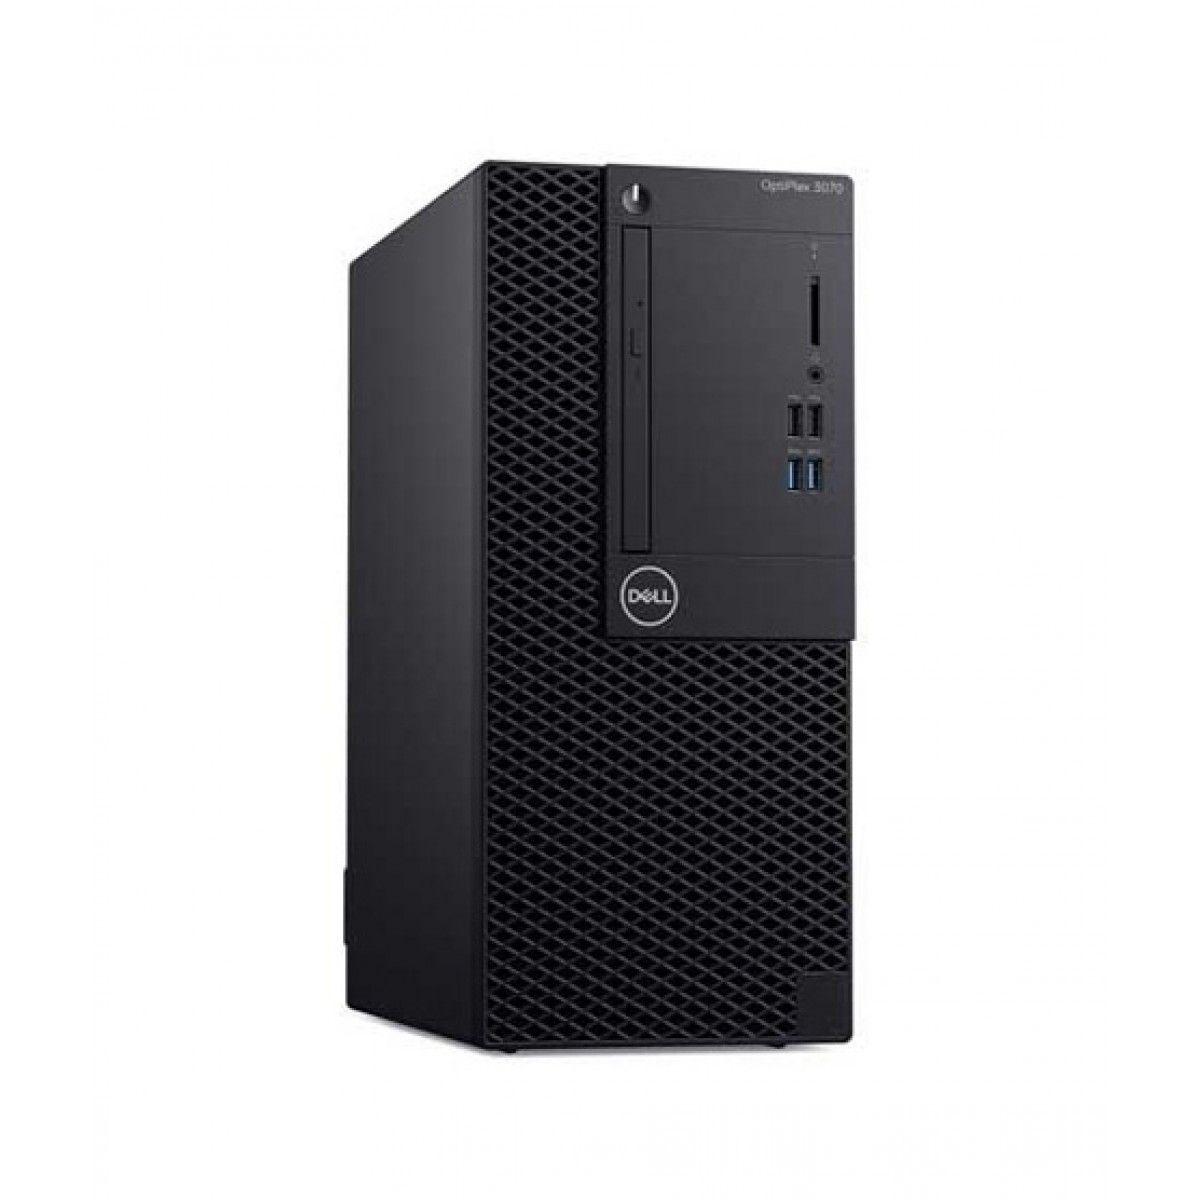 Dell Optiplex 3070 MT Core i3 9th Gen 4GB 1TB Desktop PC - Official Warranty